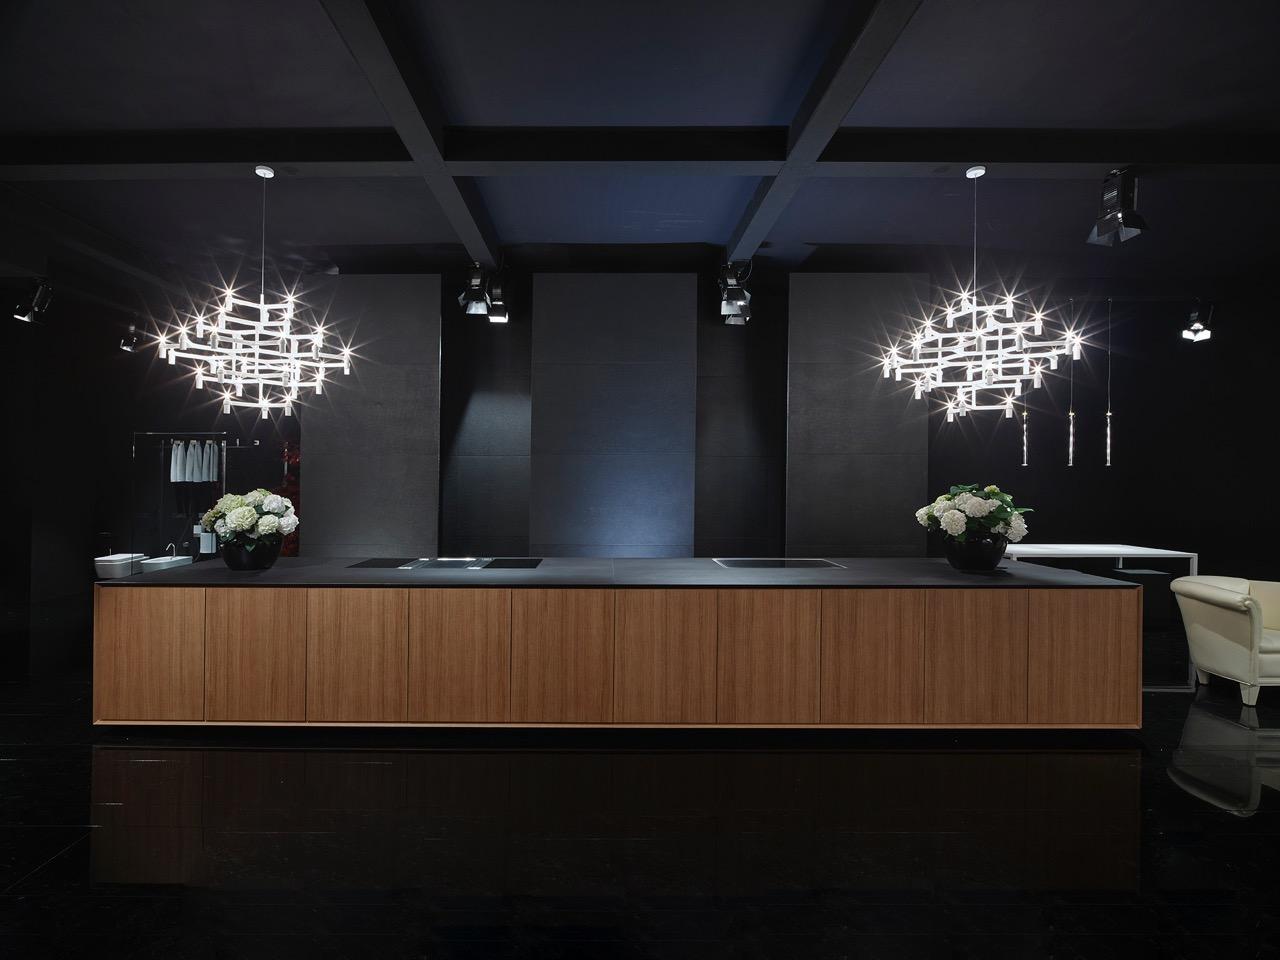 Rifra milano photo of the salone del mobile design for Salone arredamento milano